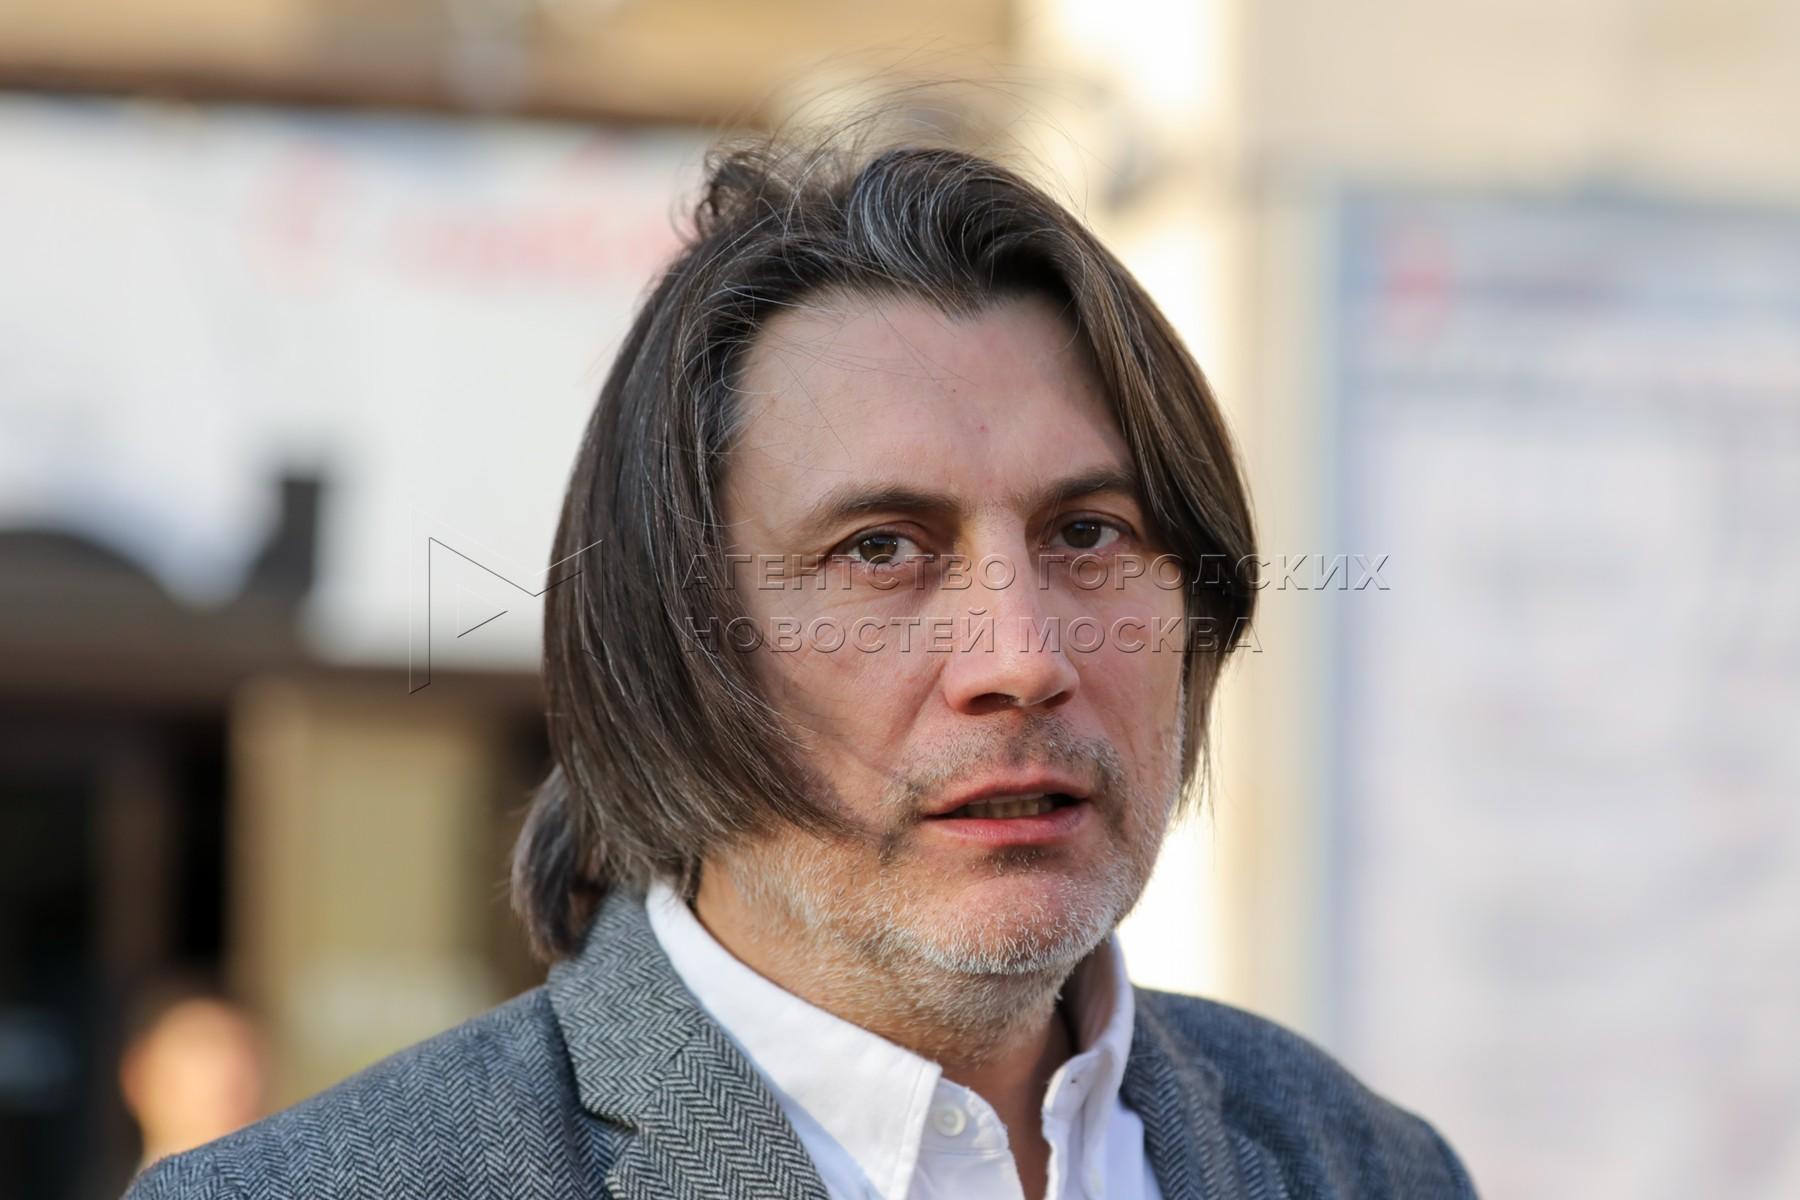 Главный режиссер Государственного академического центрального театра кукол имени Сергея Образцова Борис Константинов во время открытия нового сезона.